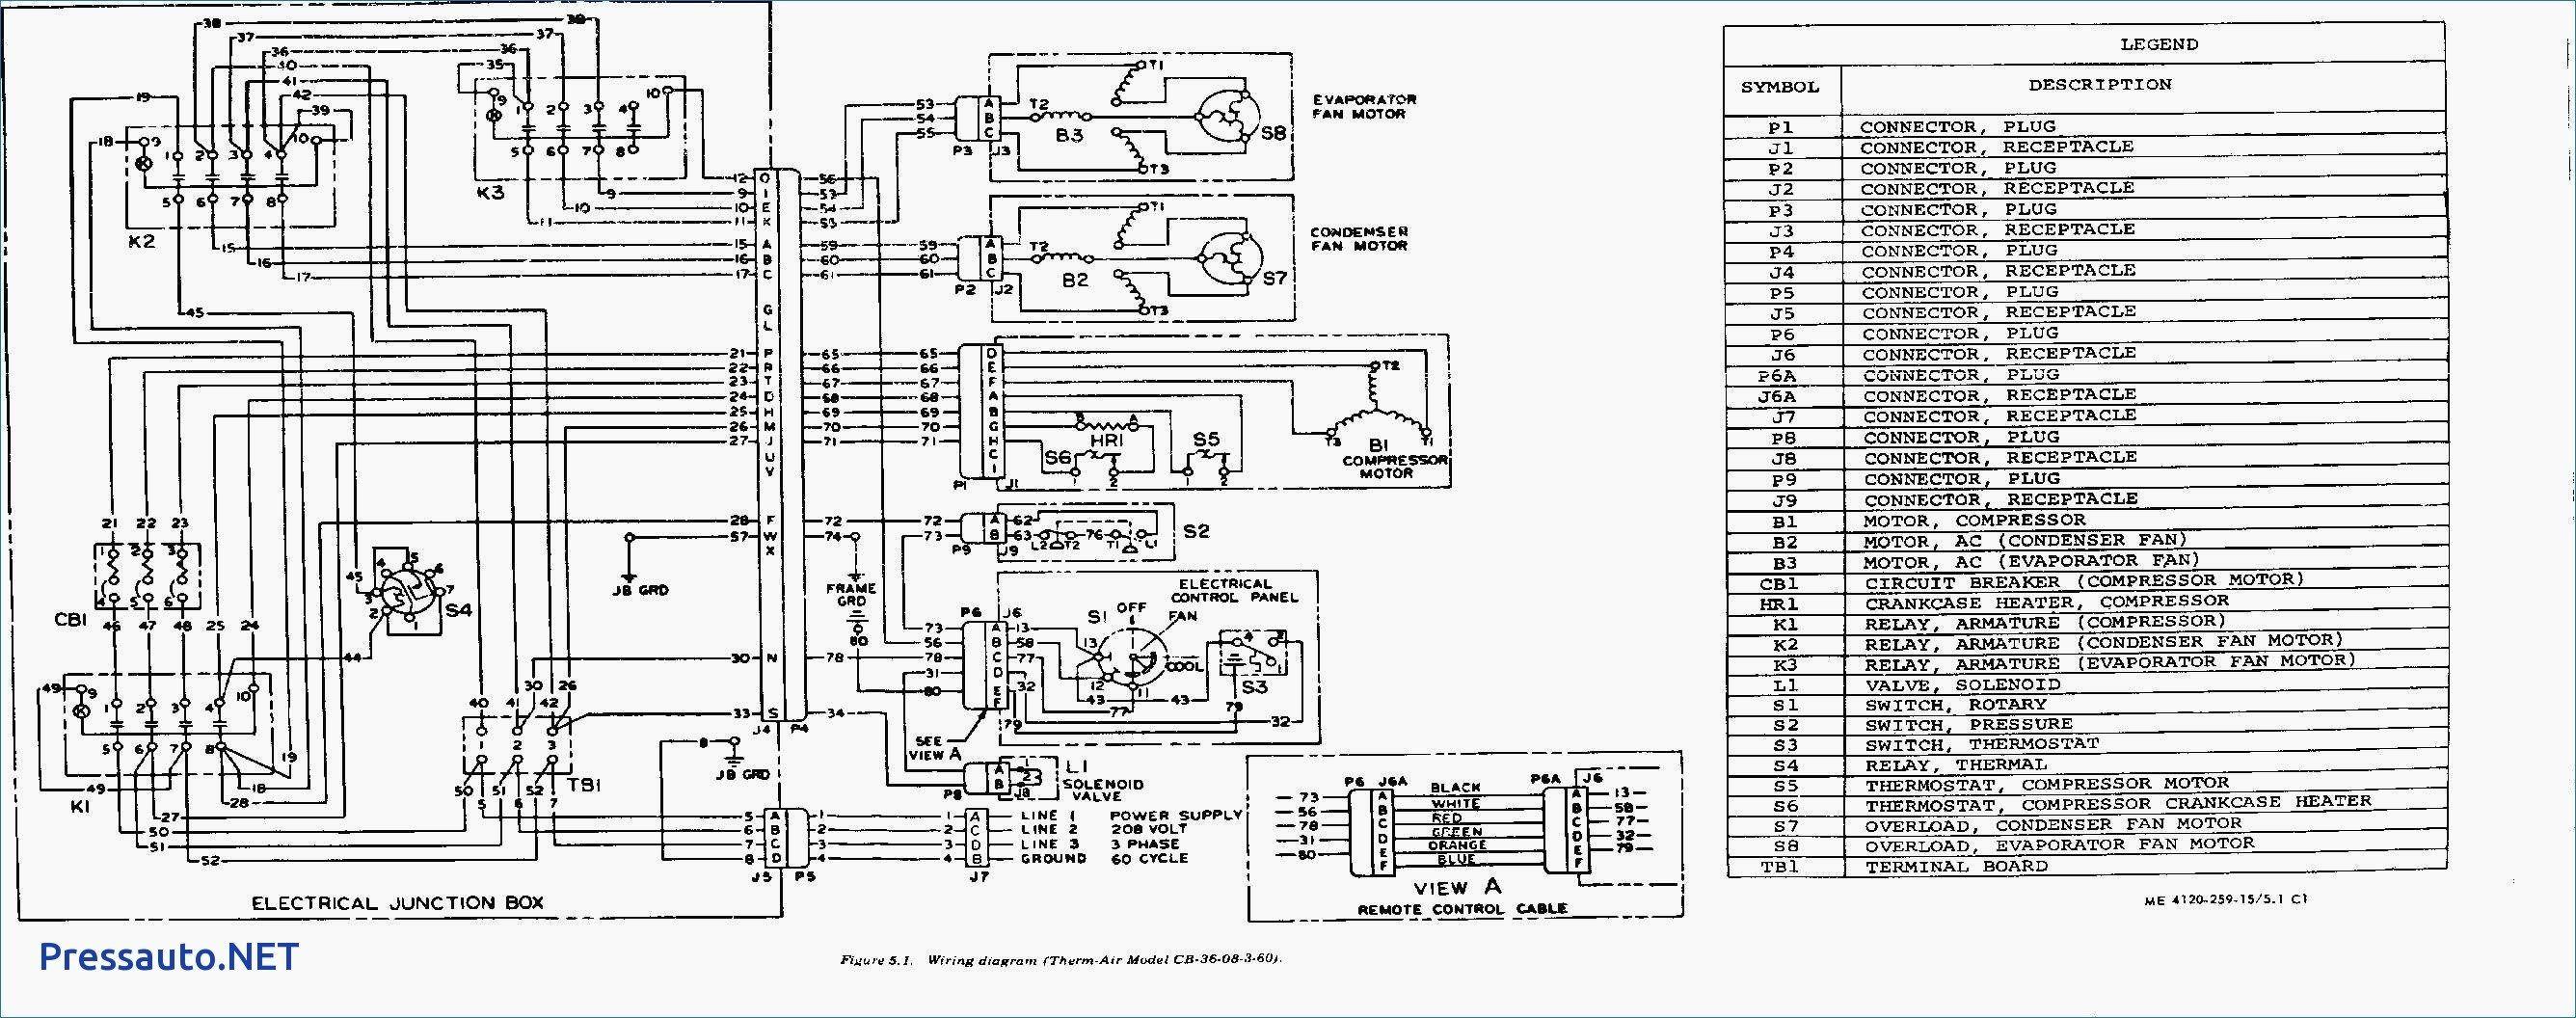 Trane Rooftop Unit Wiring Diagram | Schematic Diagram - Trane Rooftop Unit Wiring Diagram